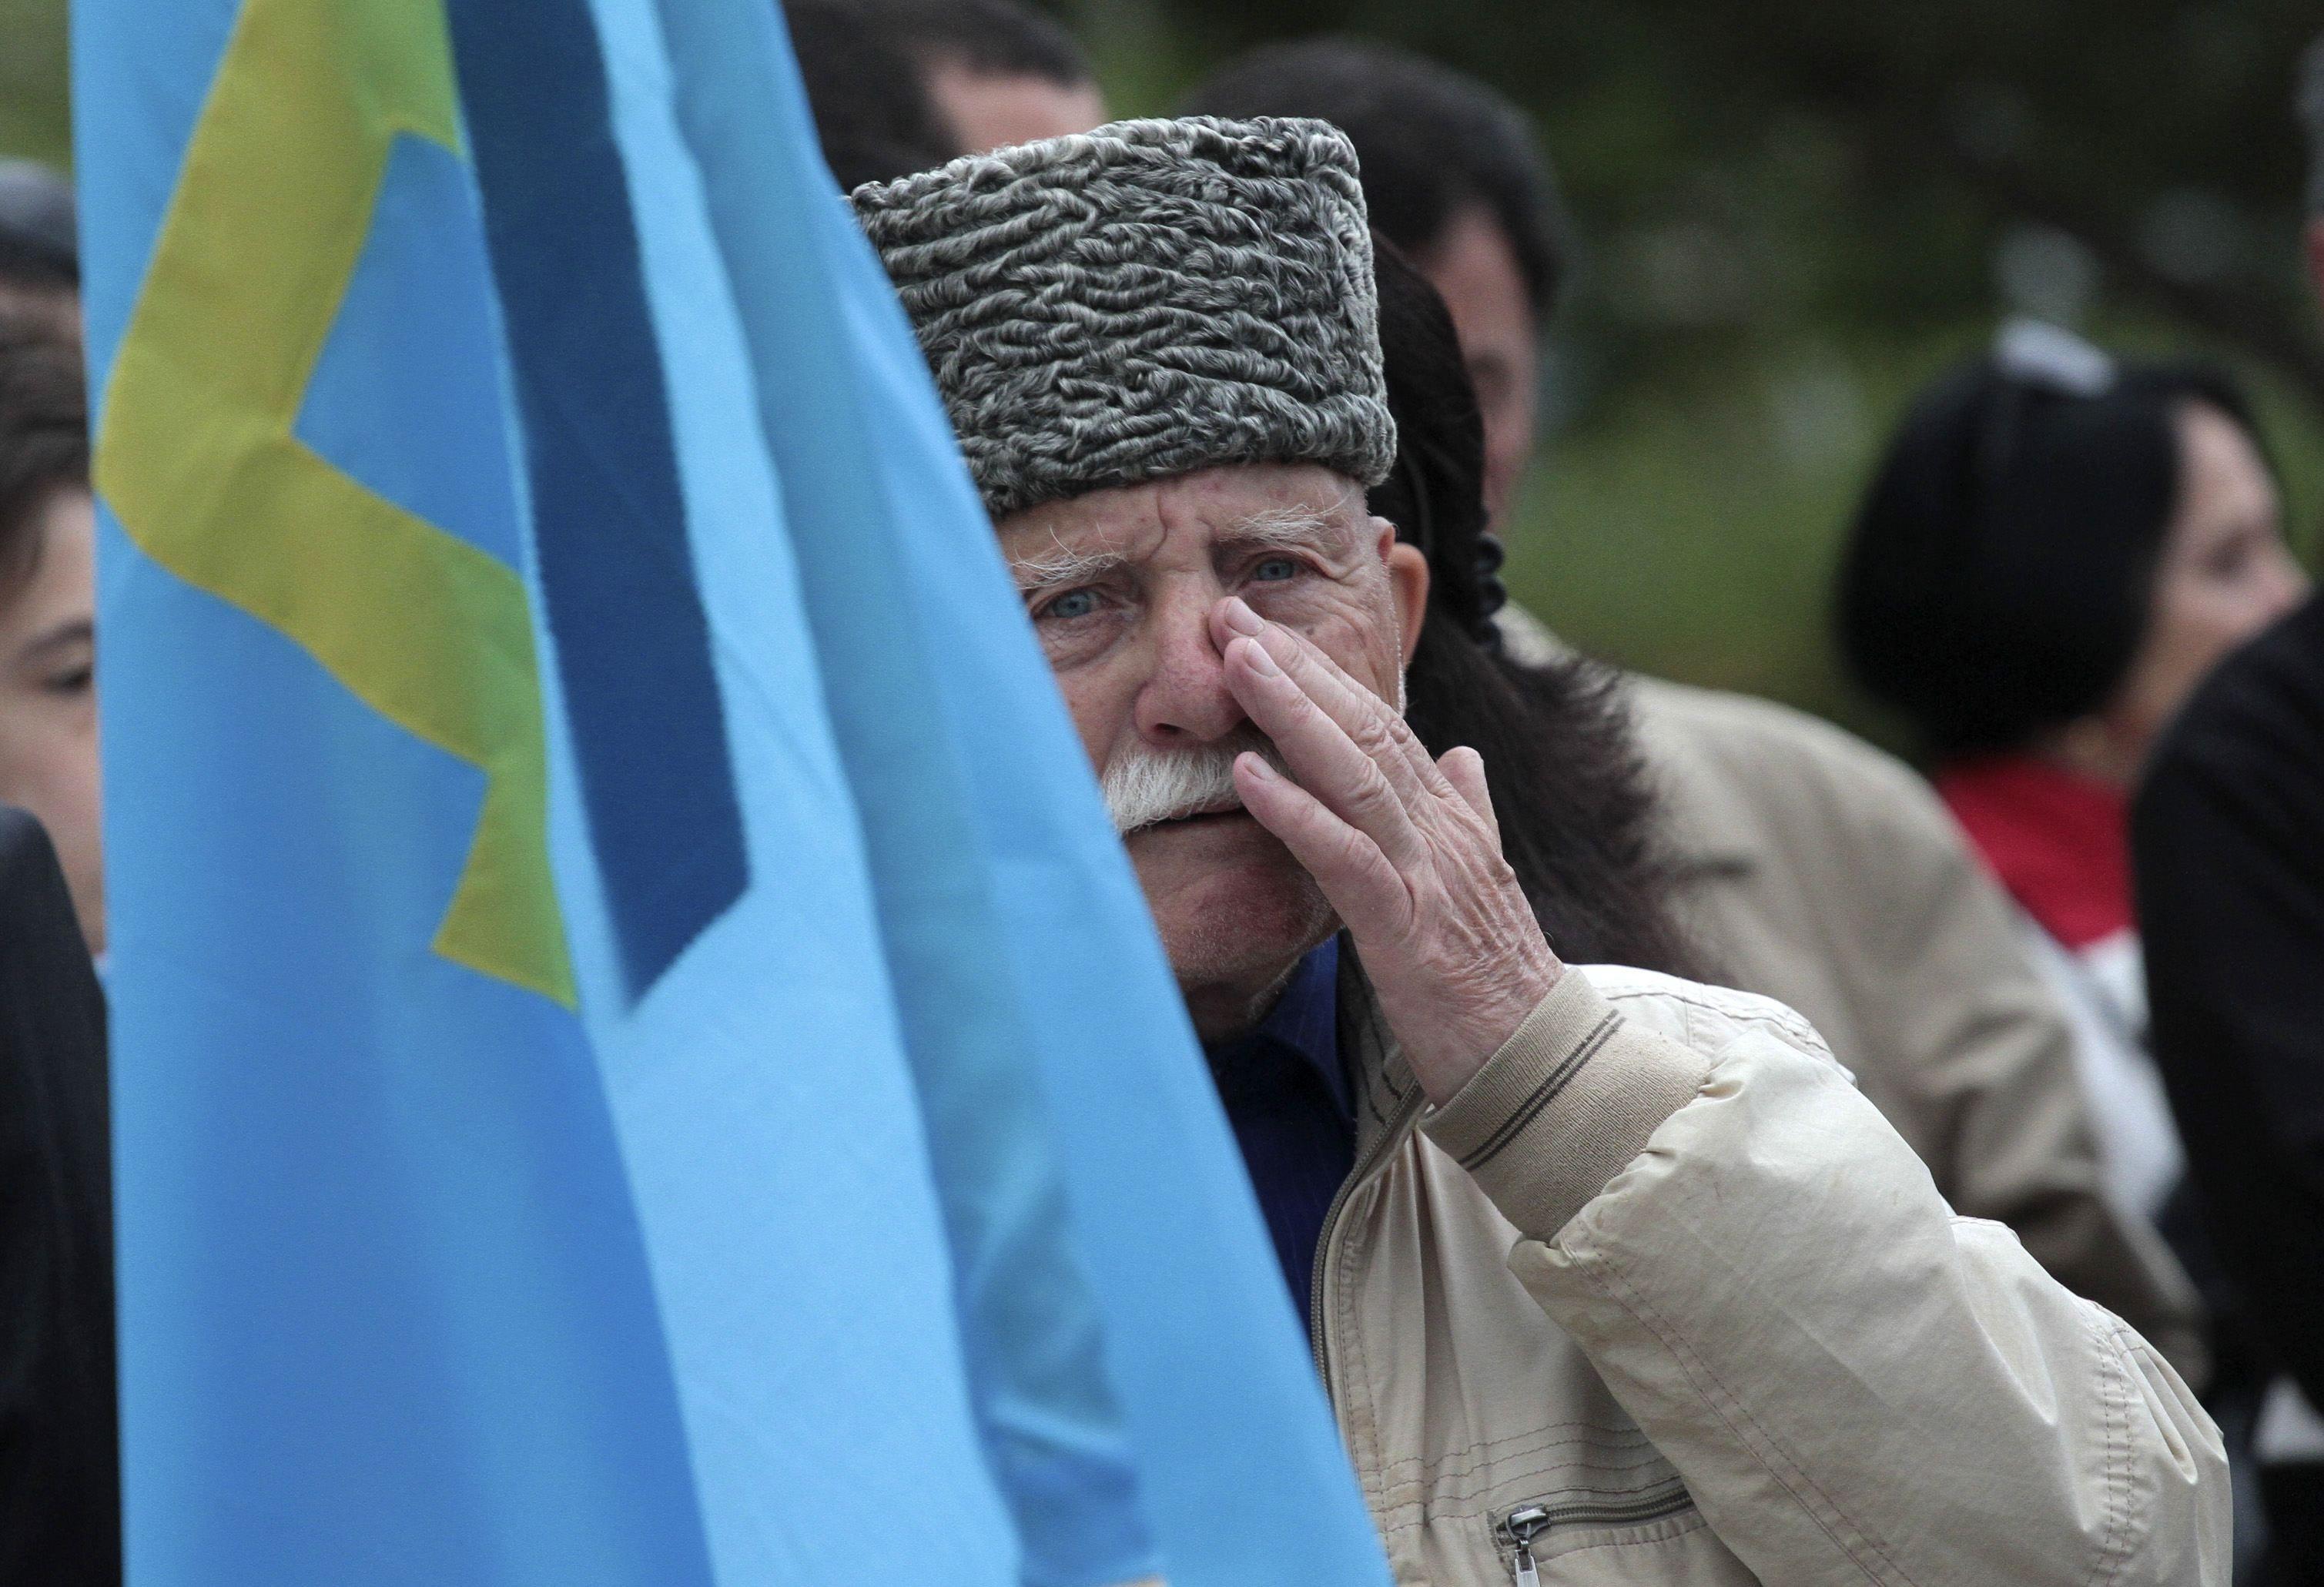 Депортация крымских татар — Владимир Зеленский и Петр Порошенко прокомментировали очередную годовщину с начала депортации крымских татар